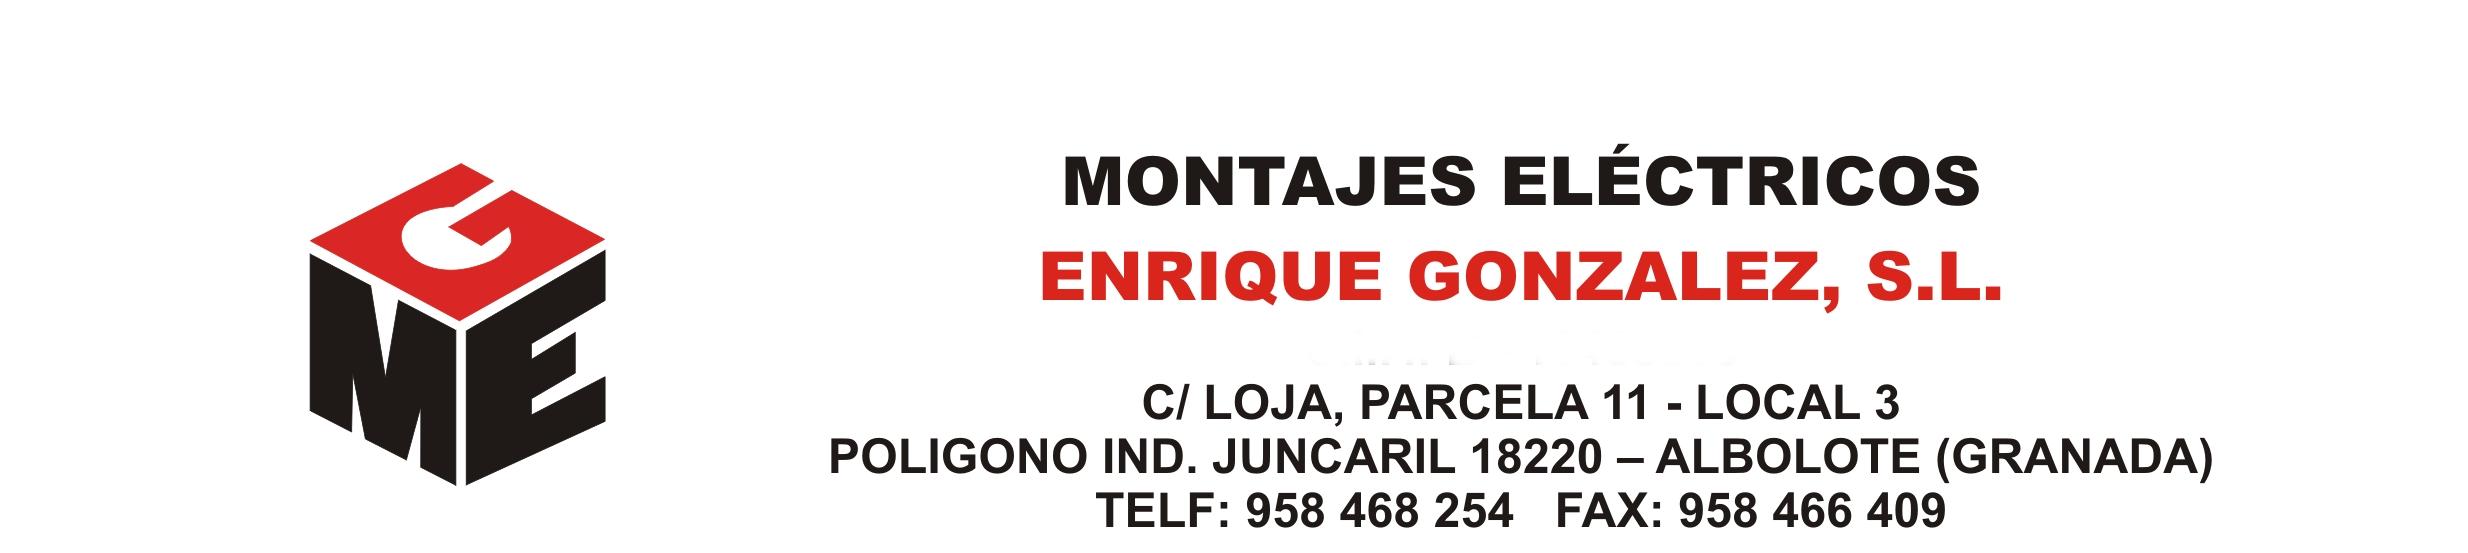 Montajes Eléctricos Enrique González